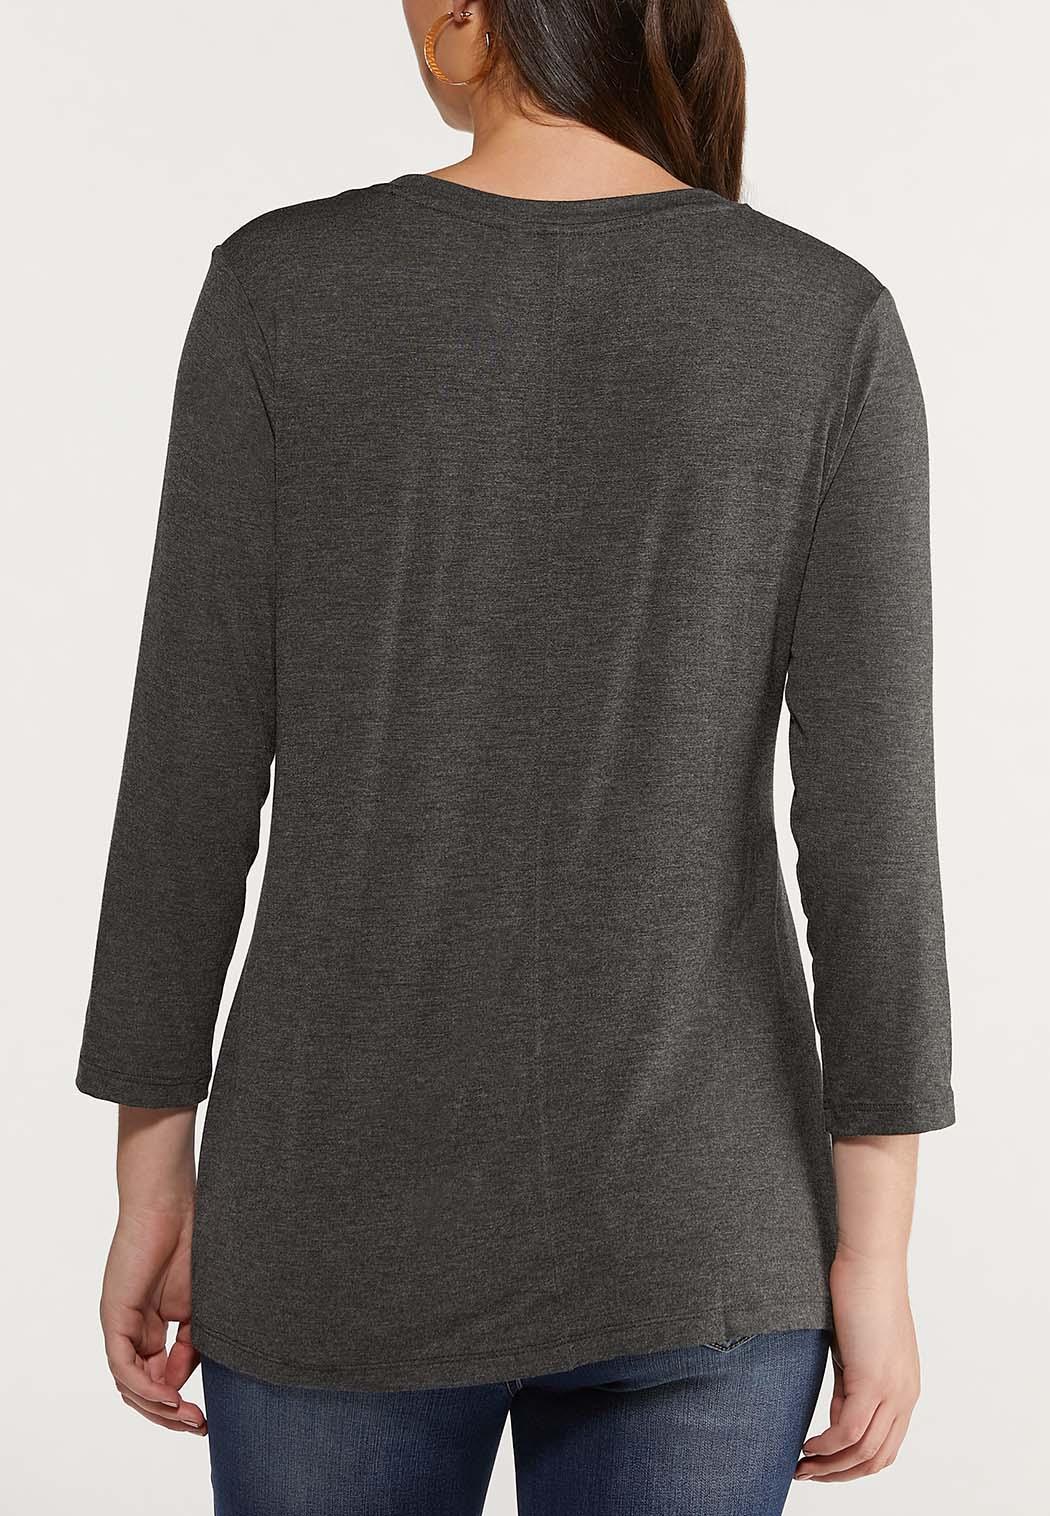 Plus Size Scoop Neck Knit Top (Item #44542702)